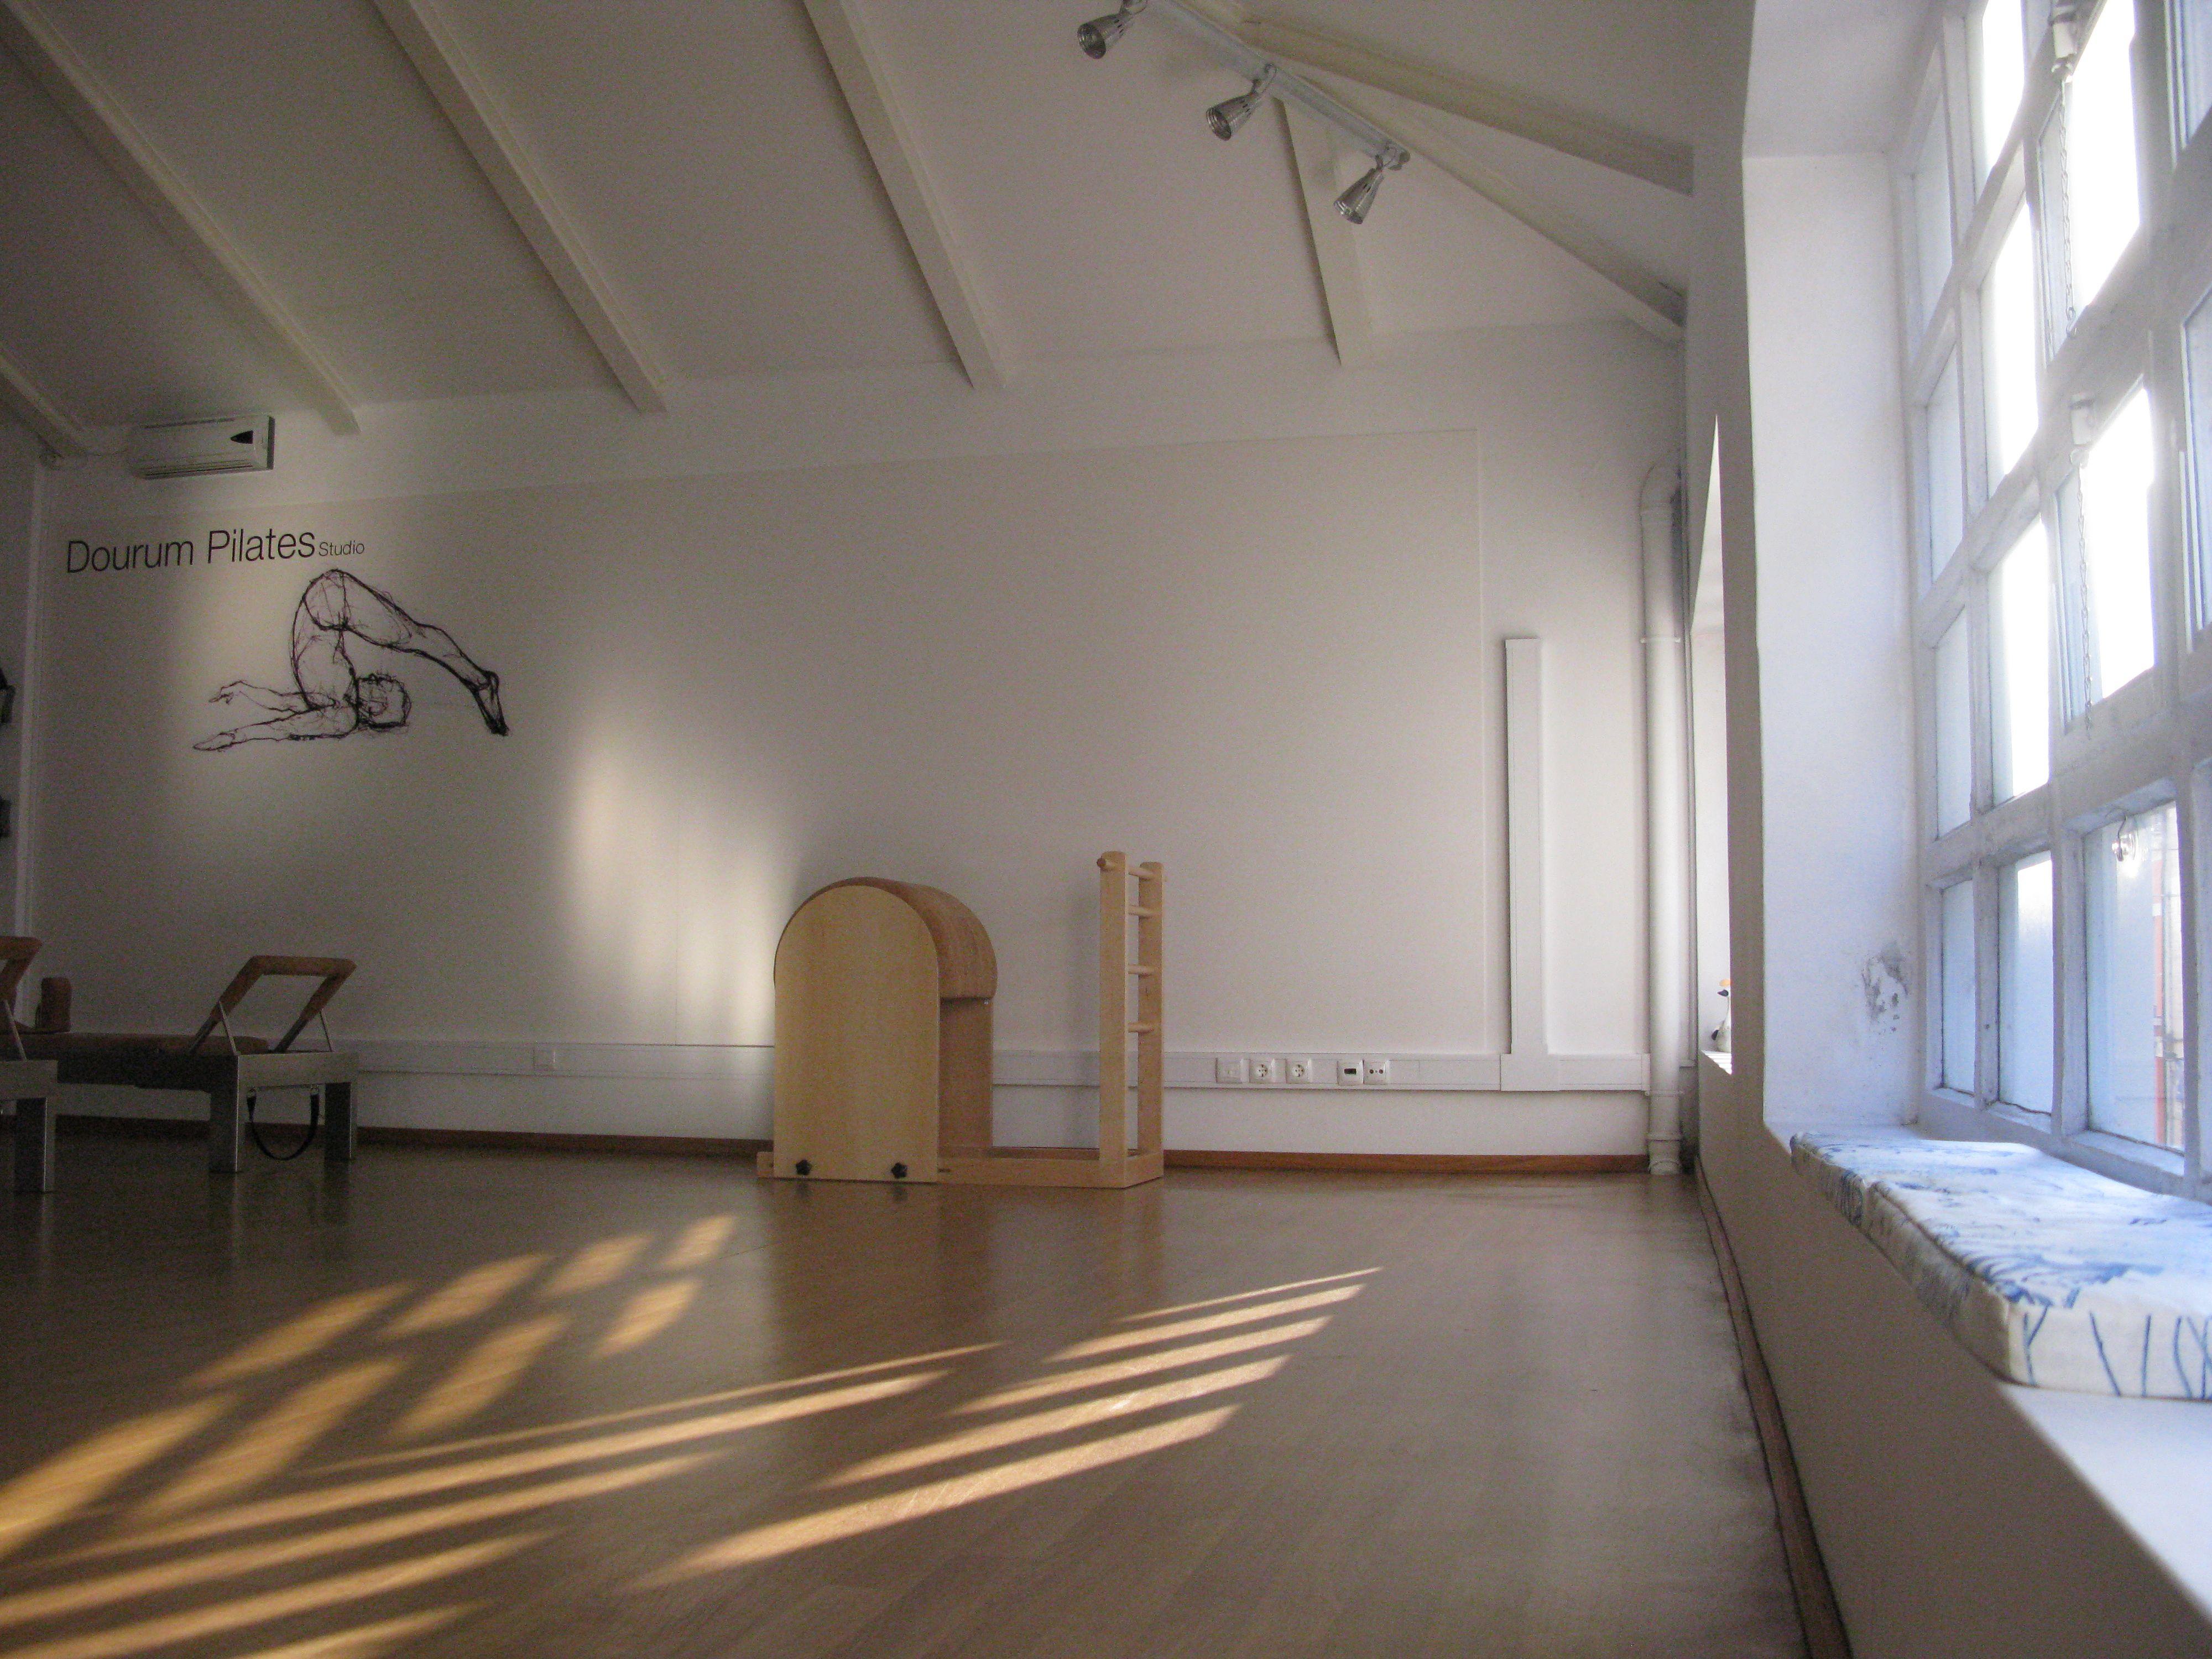 Dourum Pilates Studio Afurada Vila Nova De Gaia Porto Portugal Meu